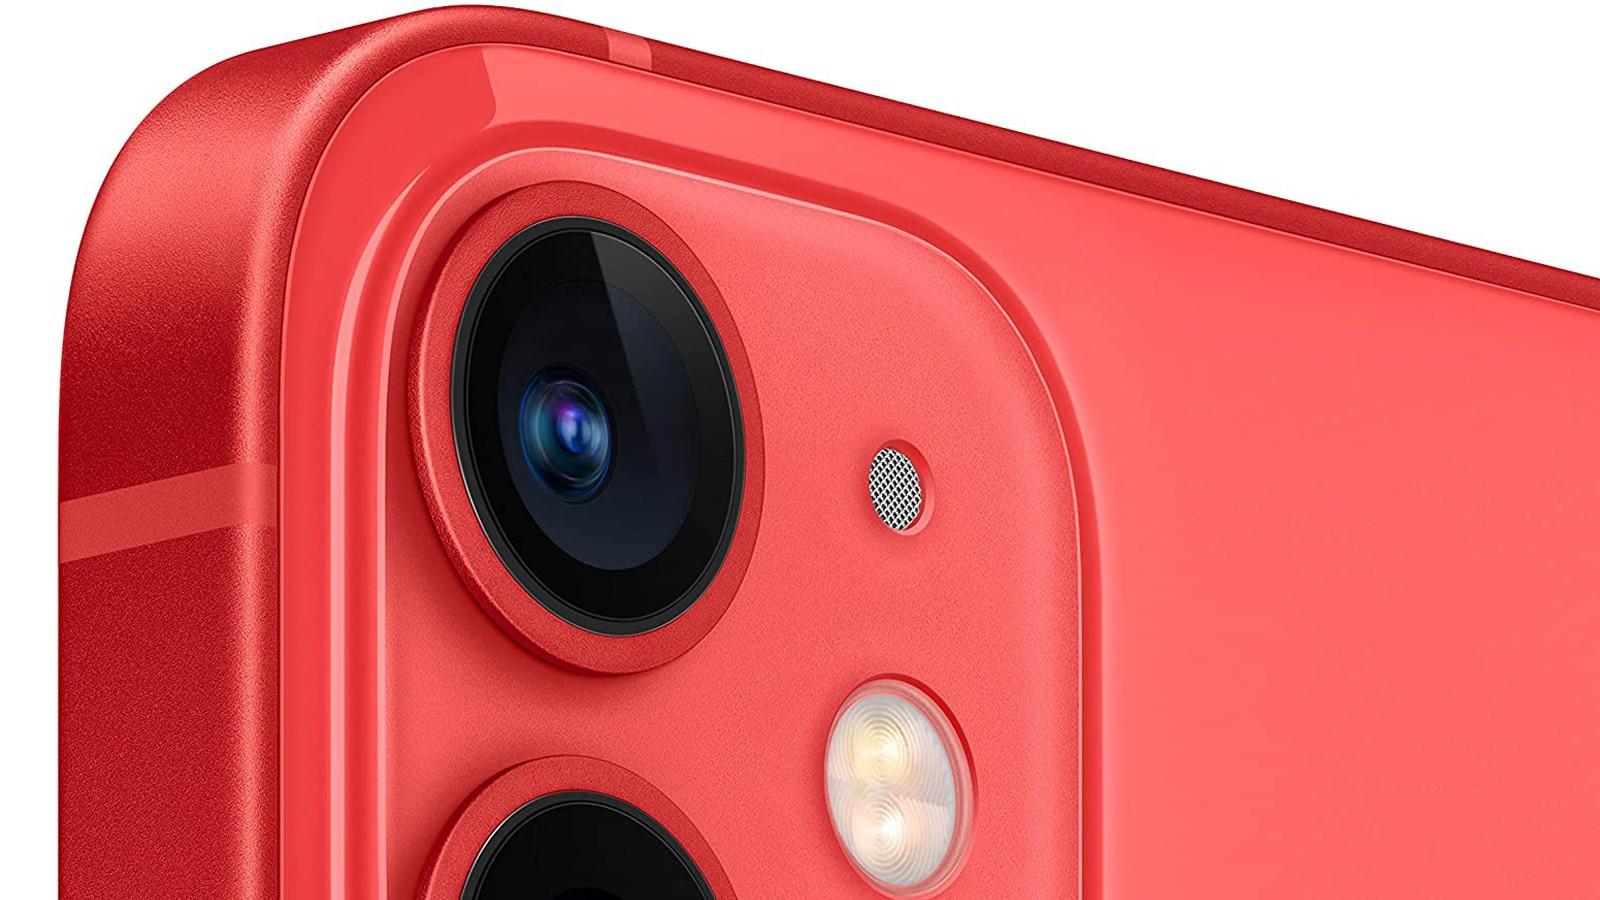 l'iPhone 12 Mini est une nouvelle déclinaison de la gamme très intéressante.